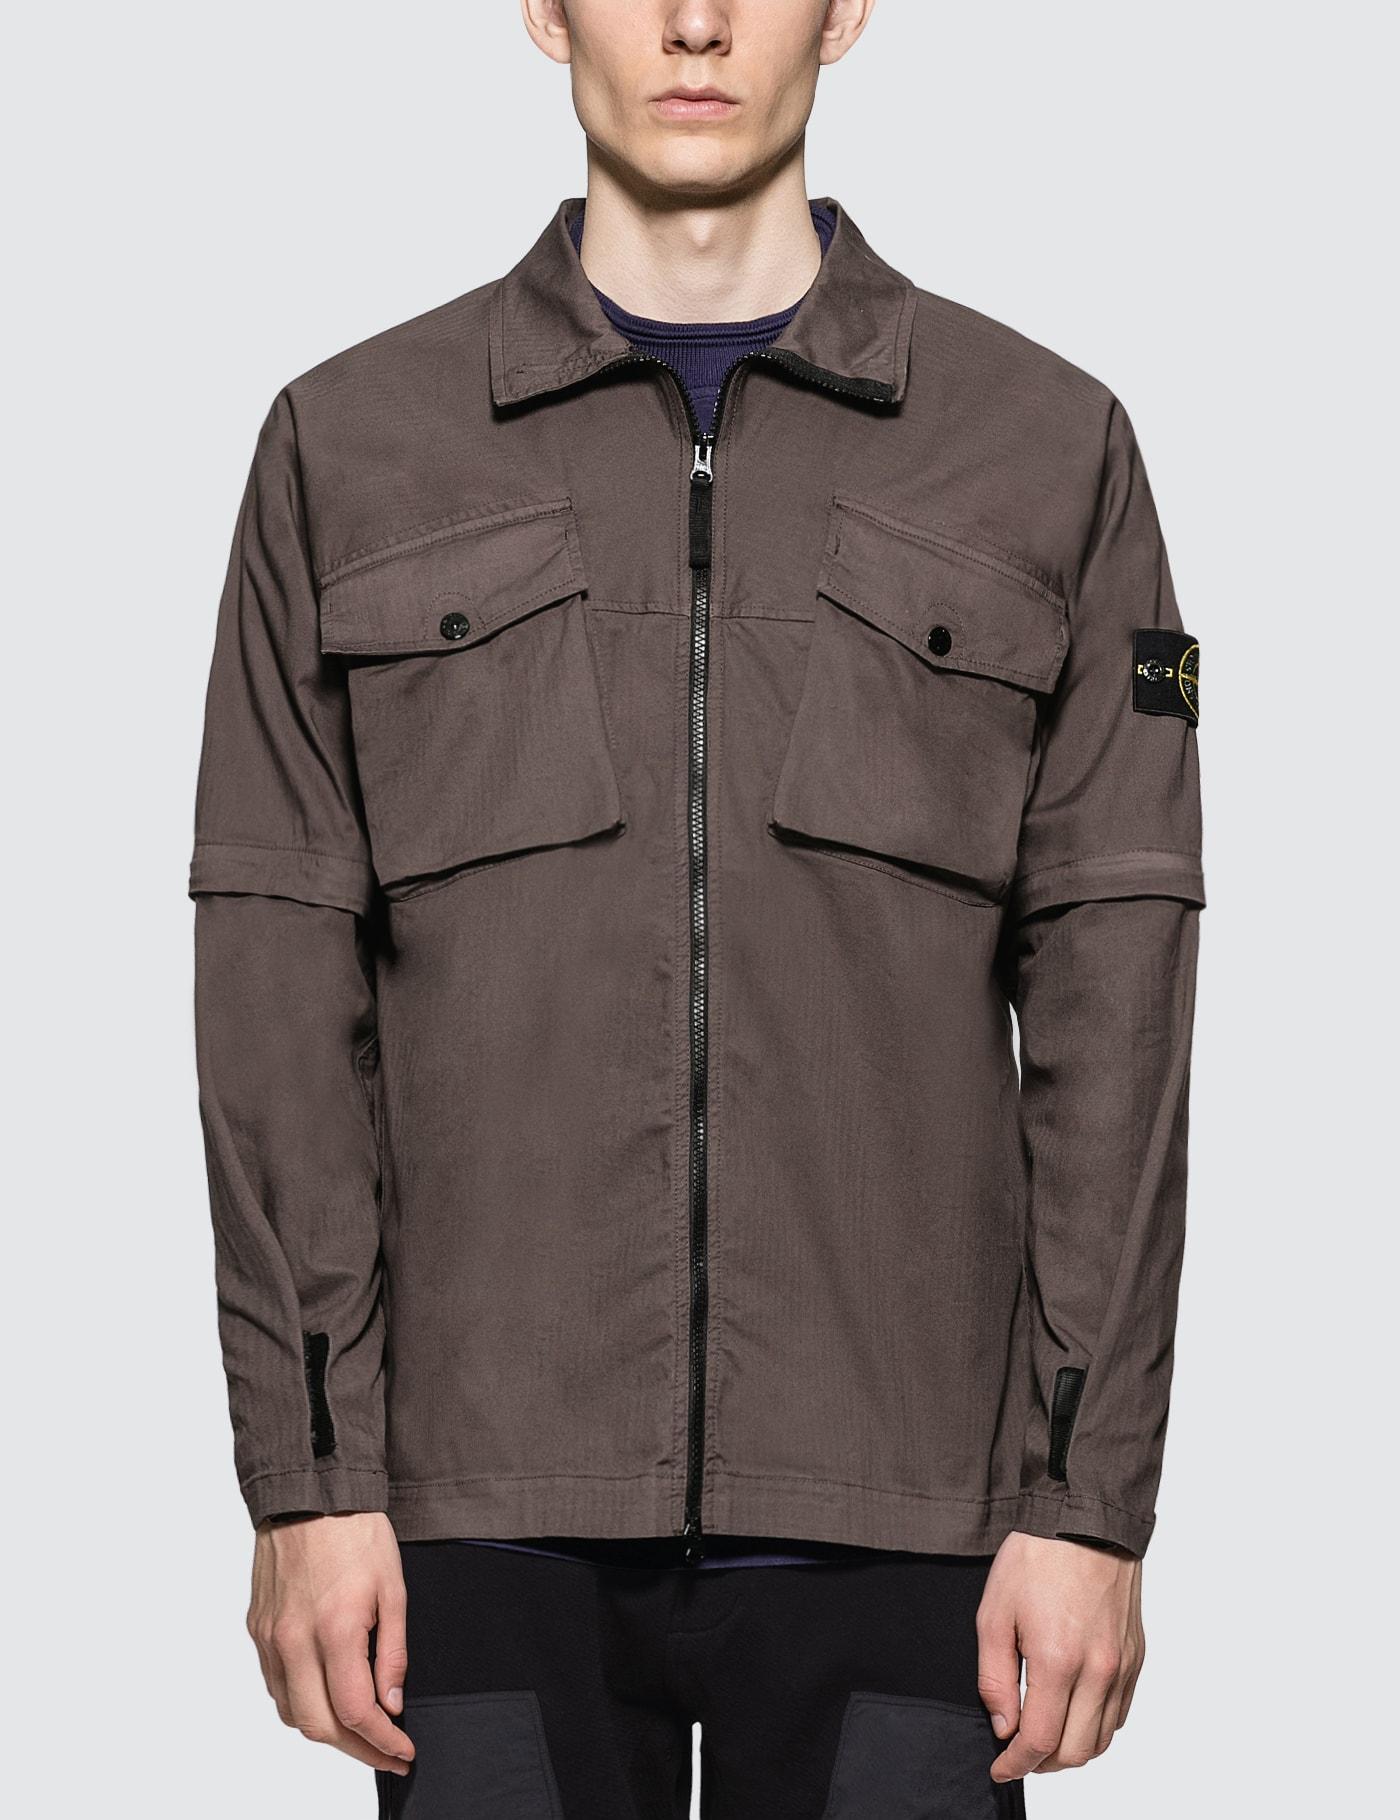 2-Way Front Zip Overshirt